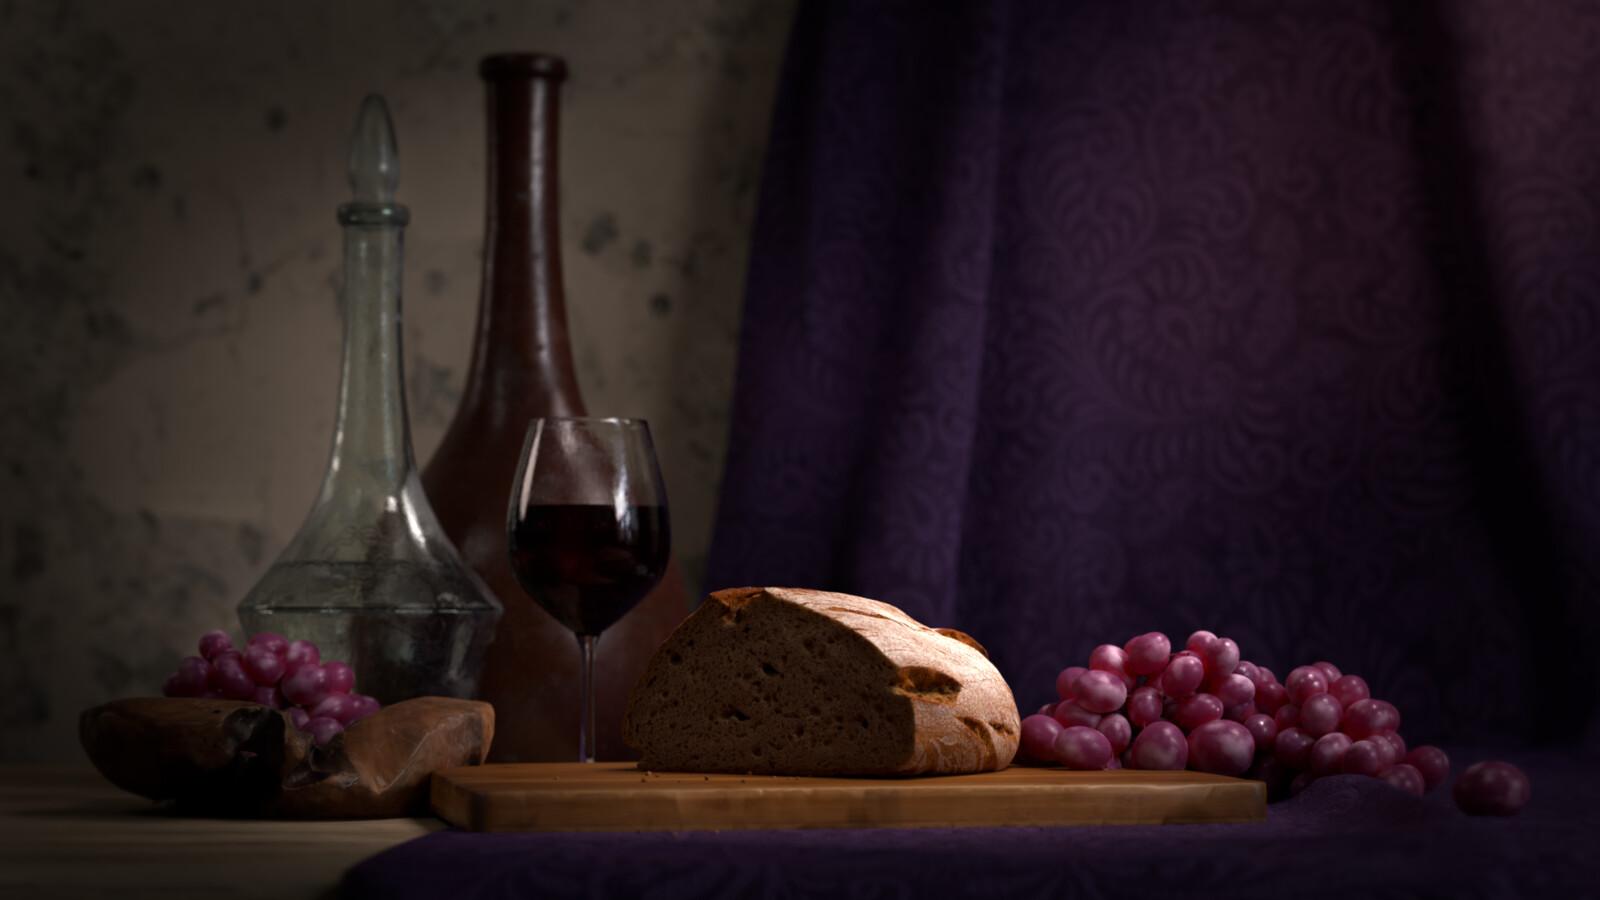 Still Life - Wine & Bread